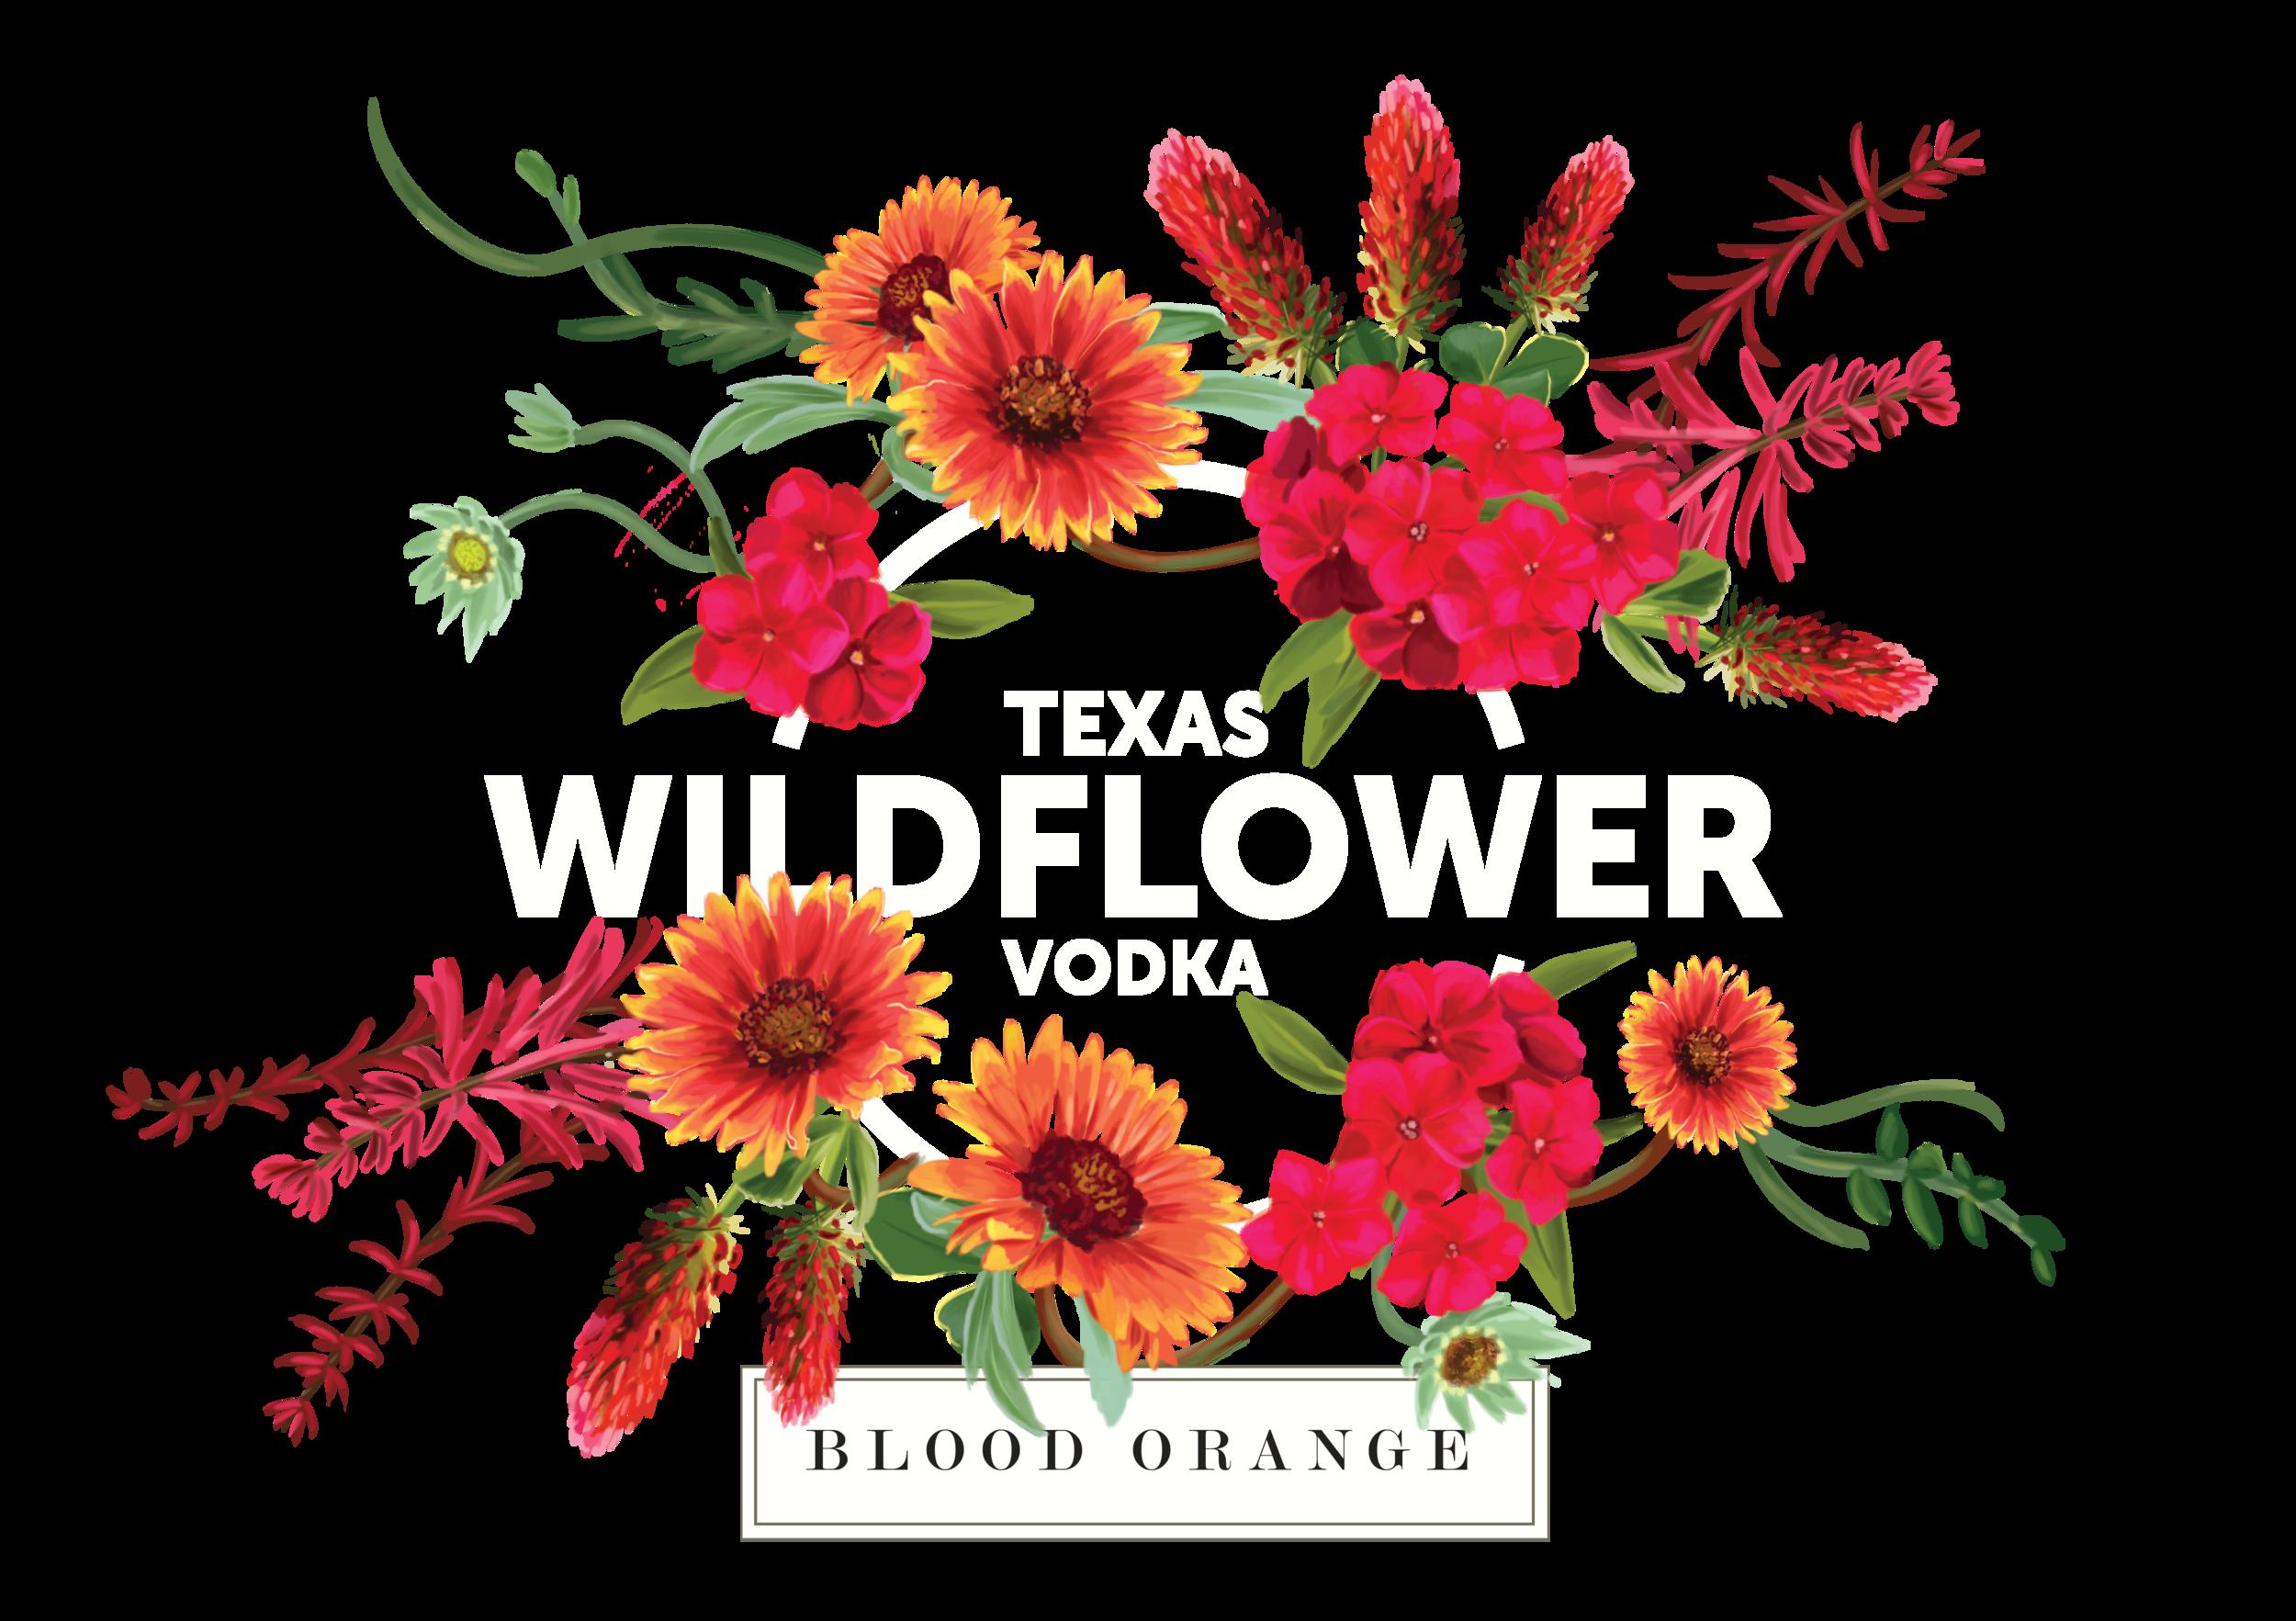 Blood Orange-White-01.png